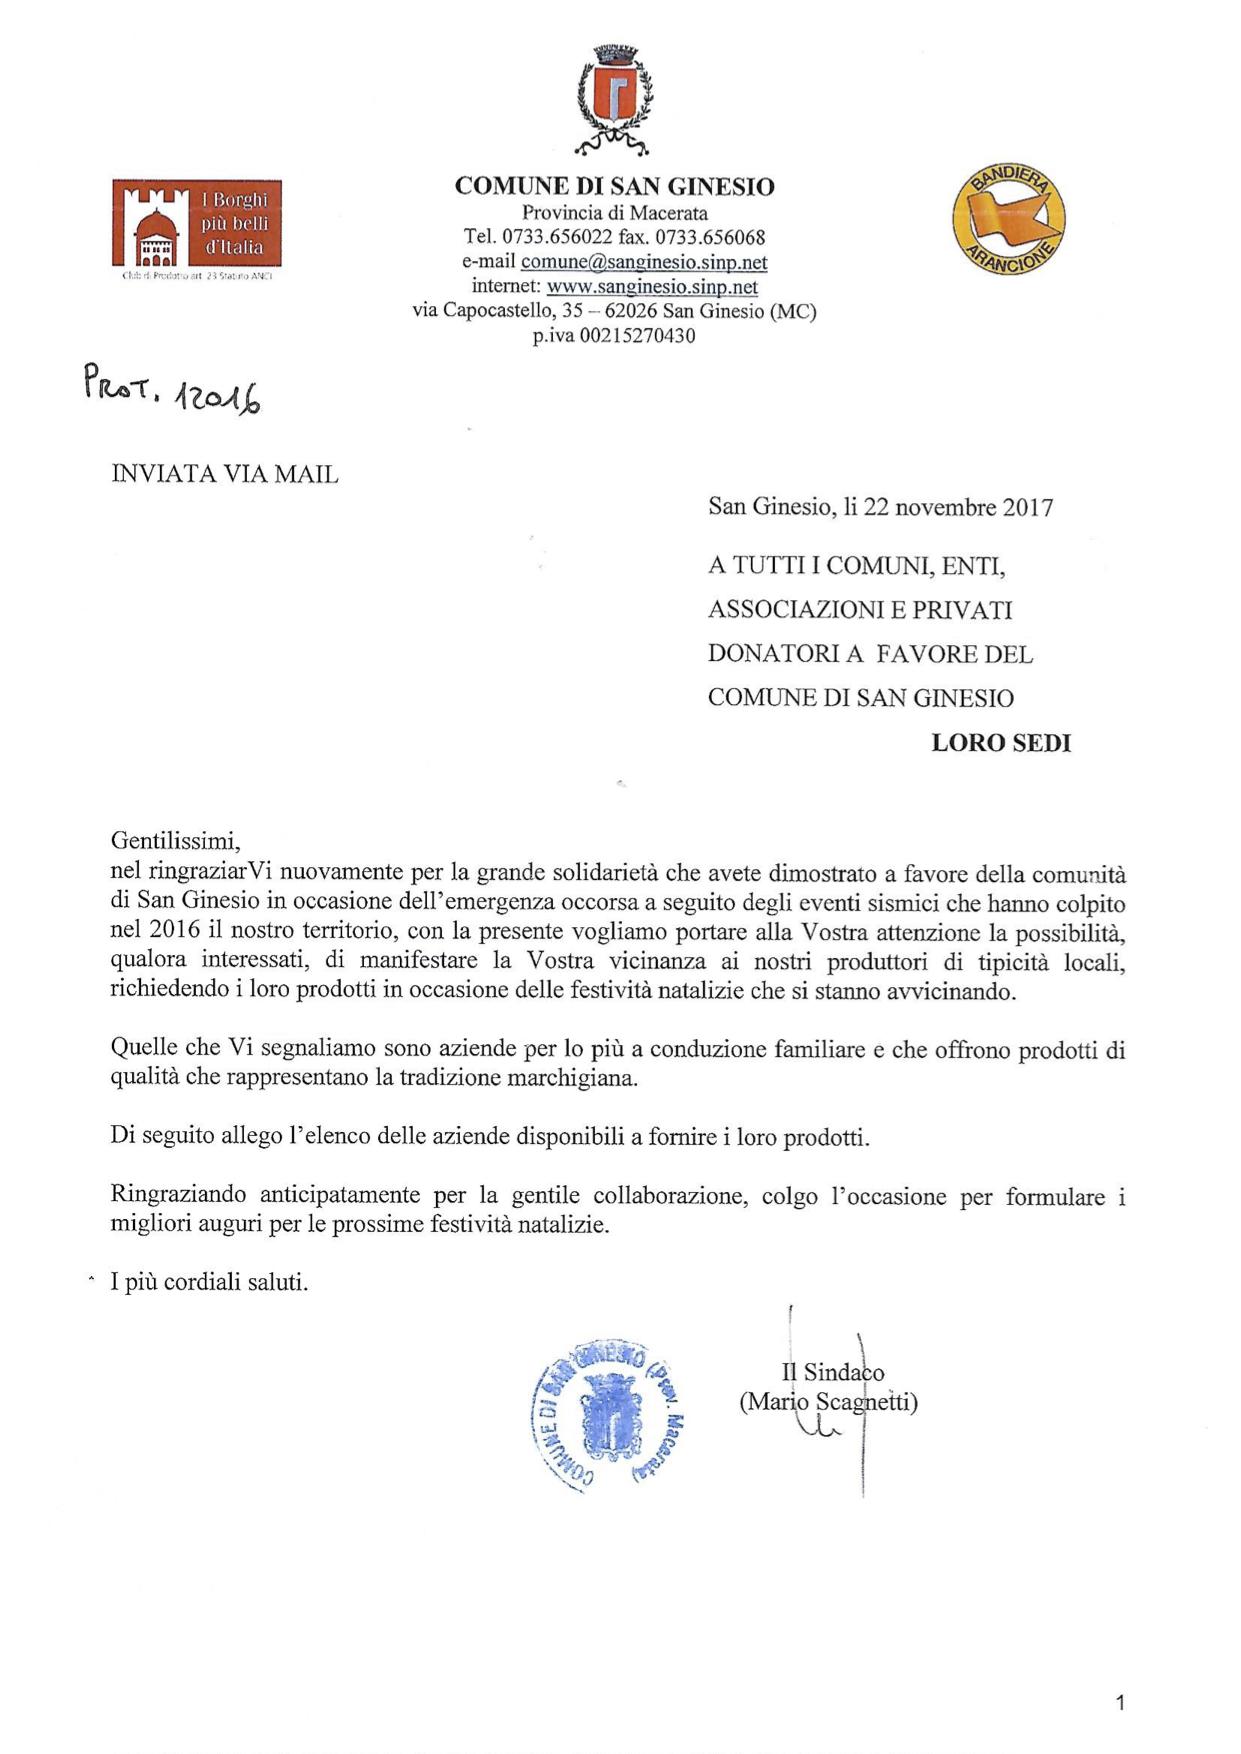 Lettera del sindaco di San Ginesio